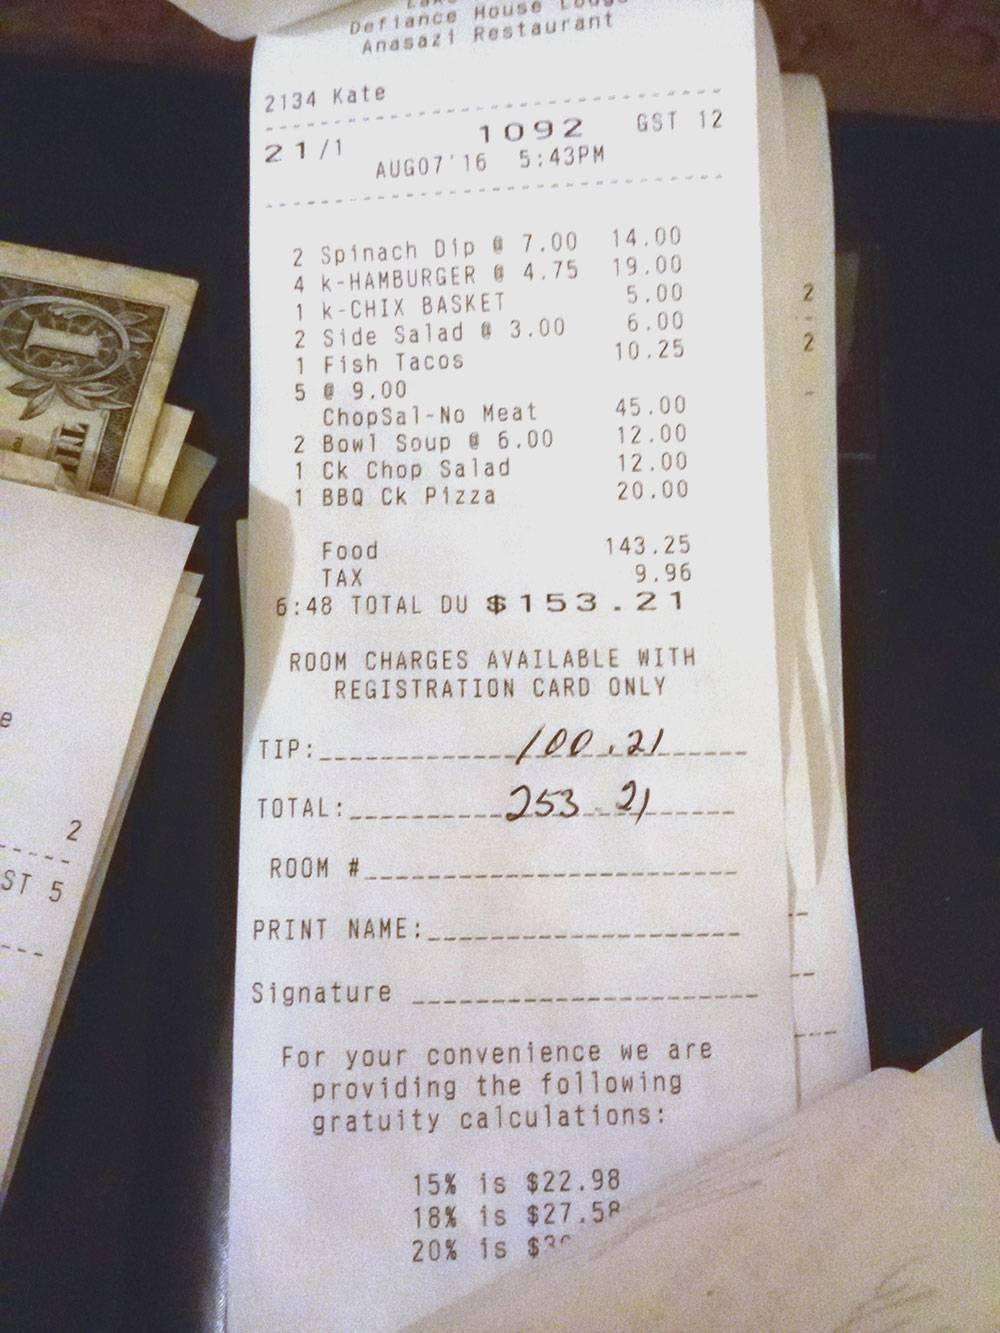 Если гость платит банковской картой, то в графе TIP вписывает сумму, которую хочет оставить на чай. Мне попался щедрый гость